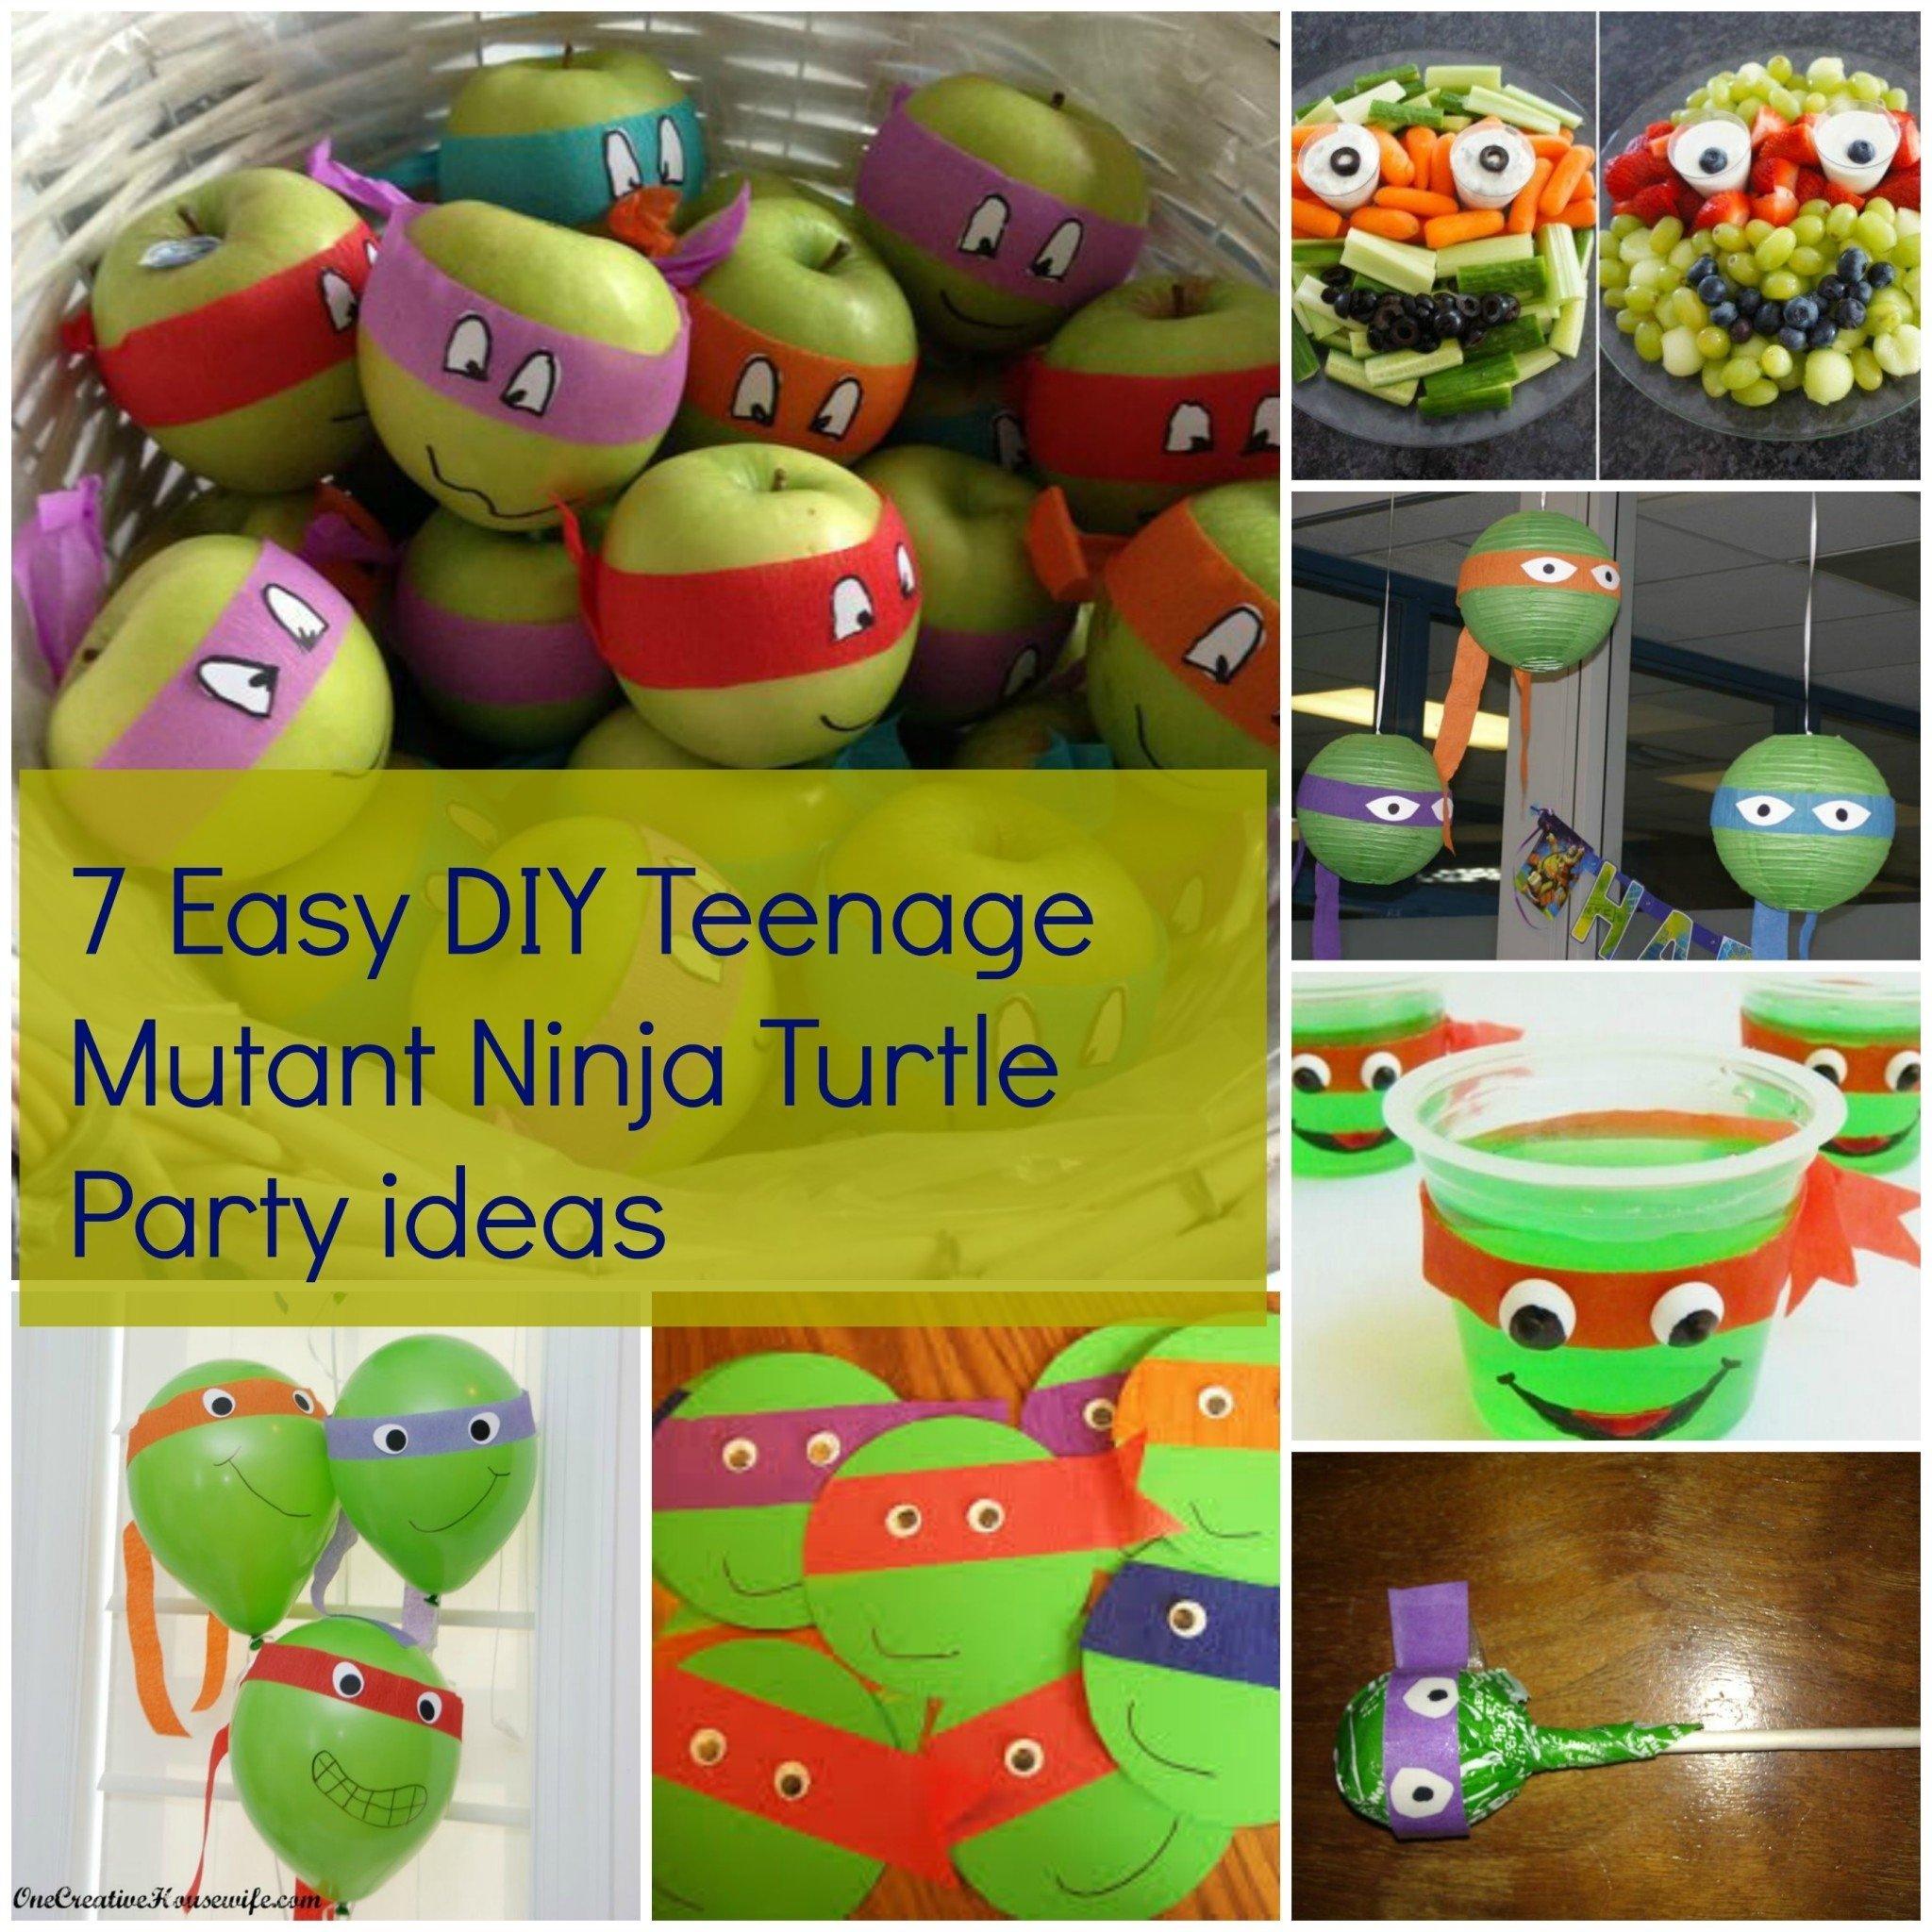 10 Wonderful Teenage Mutant Ninja Turtle Party Ideas 2019